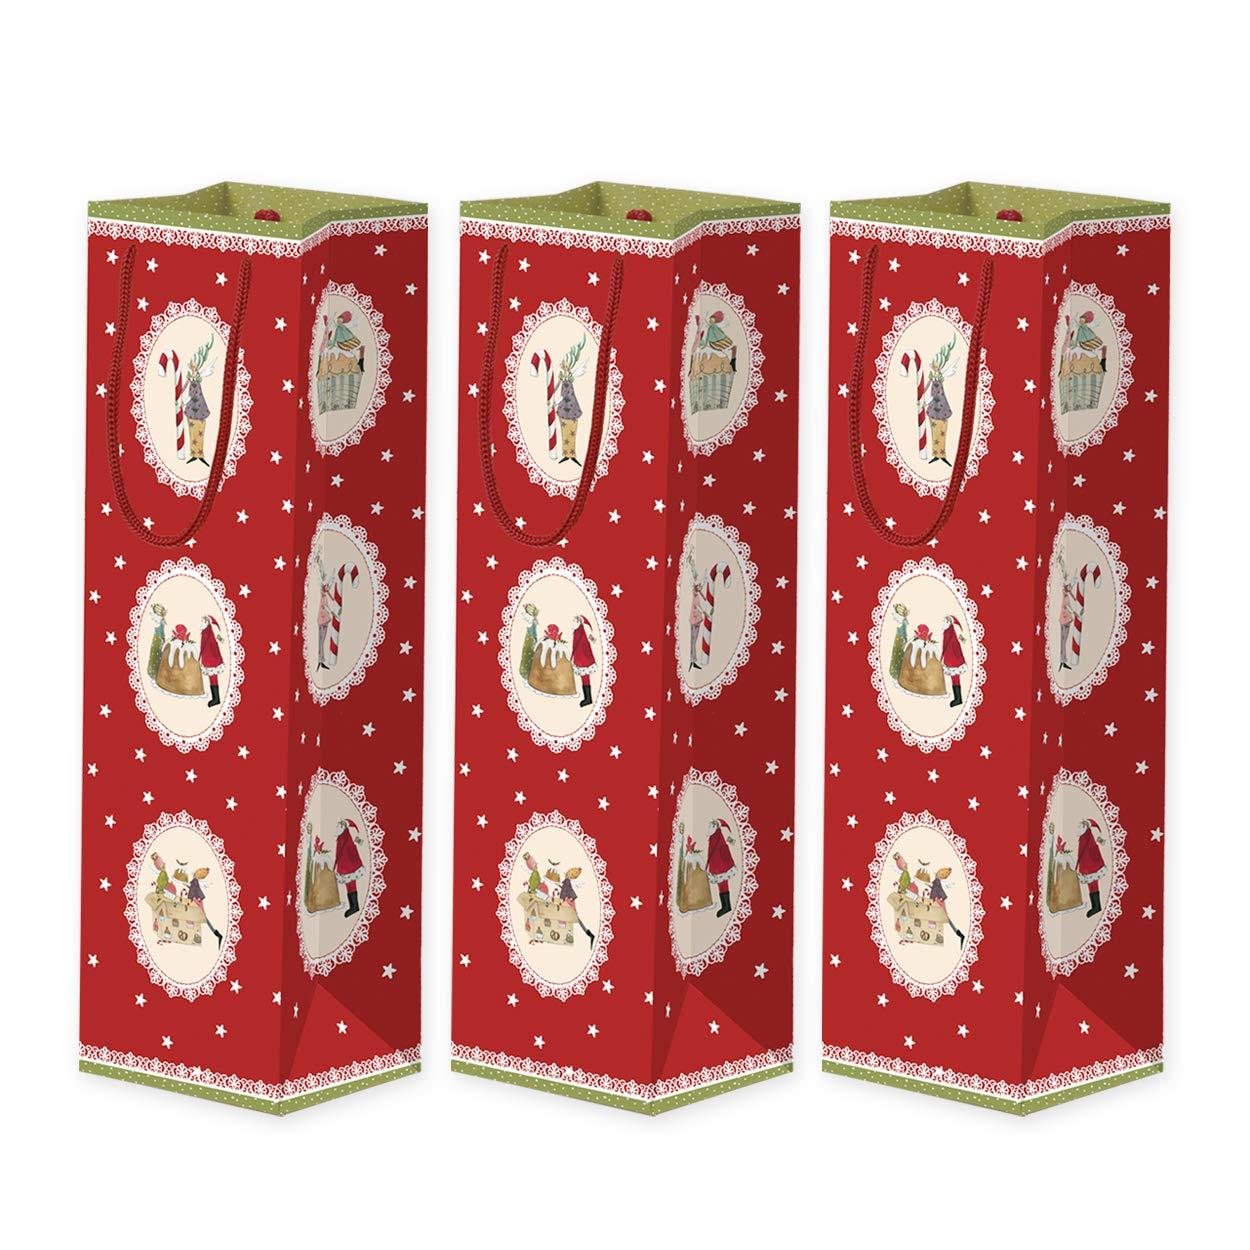 Juego de 3 bolsas de regalo para botellas de papel con asa grande, bolsas de papel Bolsa de botellas de vino, paquete de regalo, bolsa de regalo de Navidad, ...